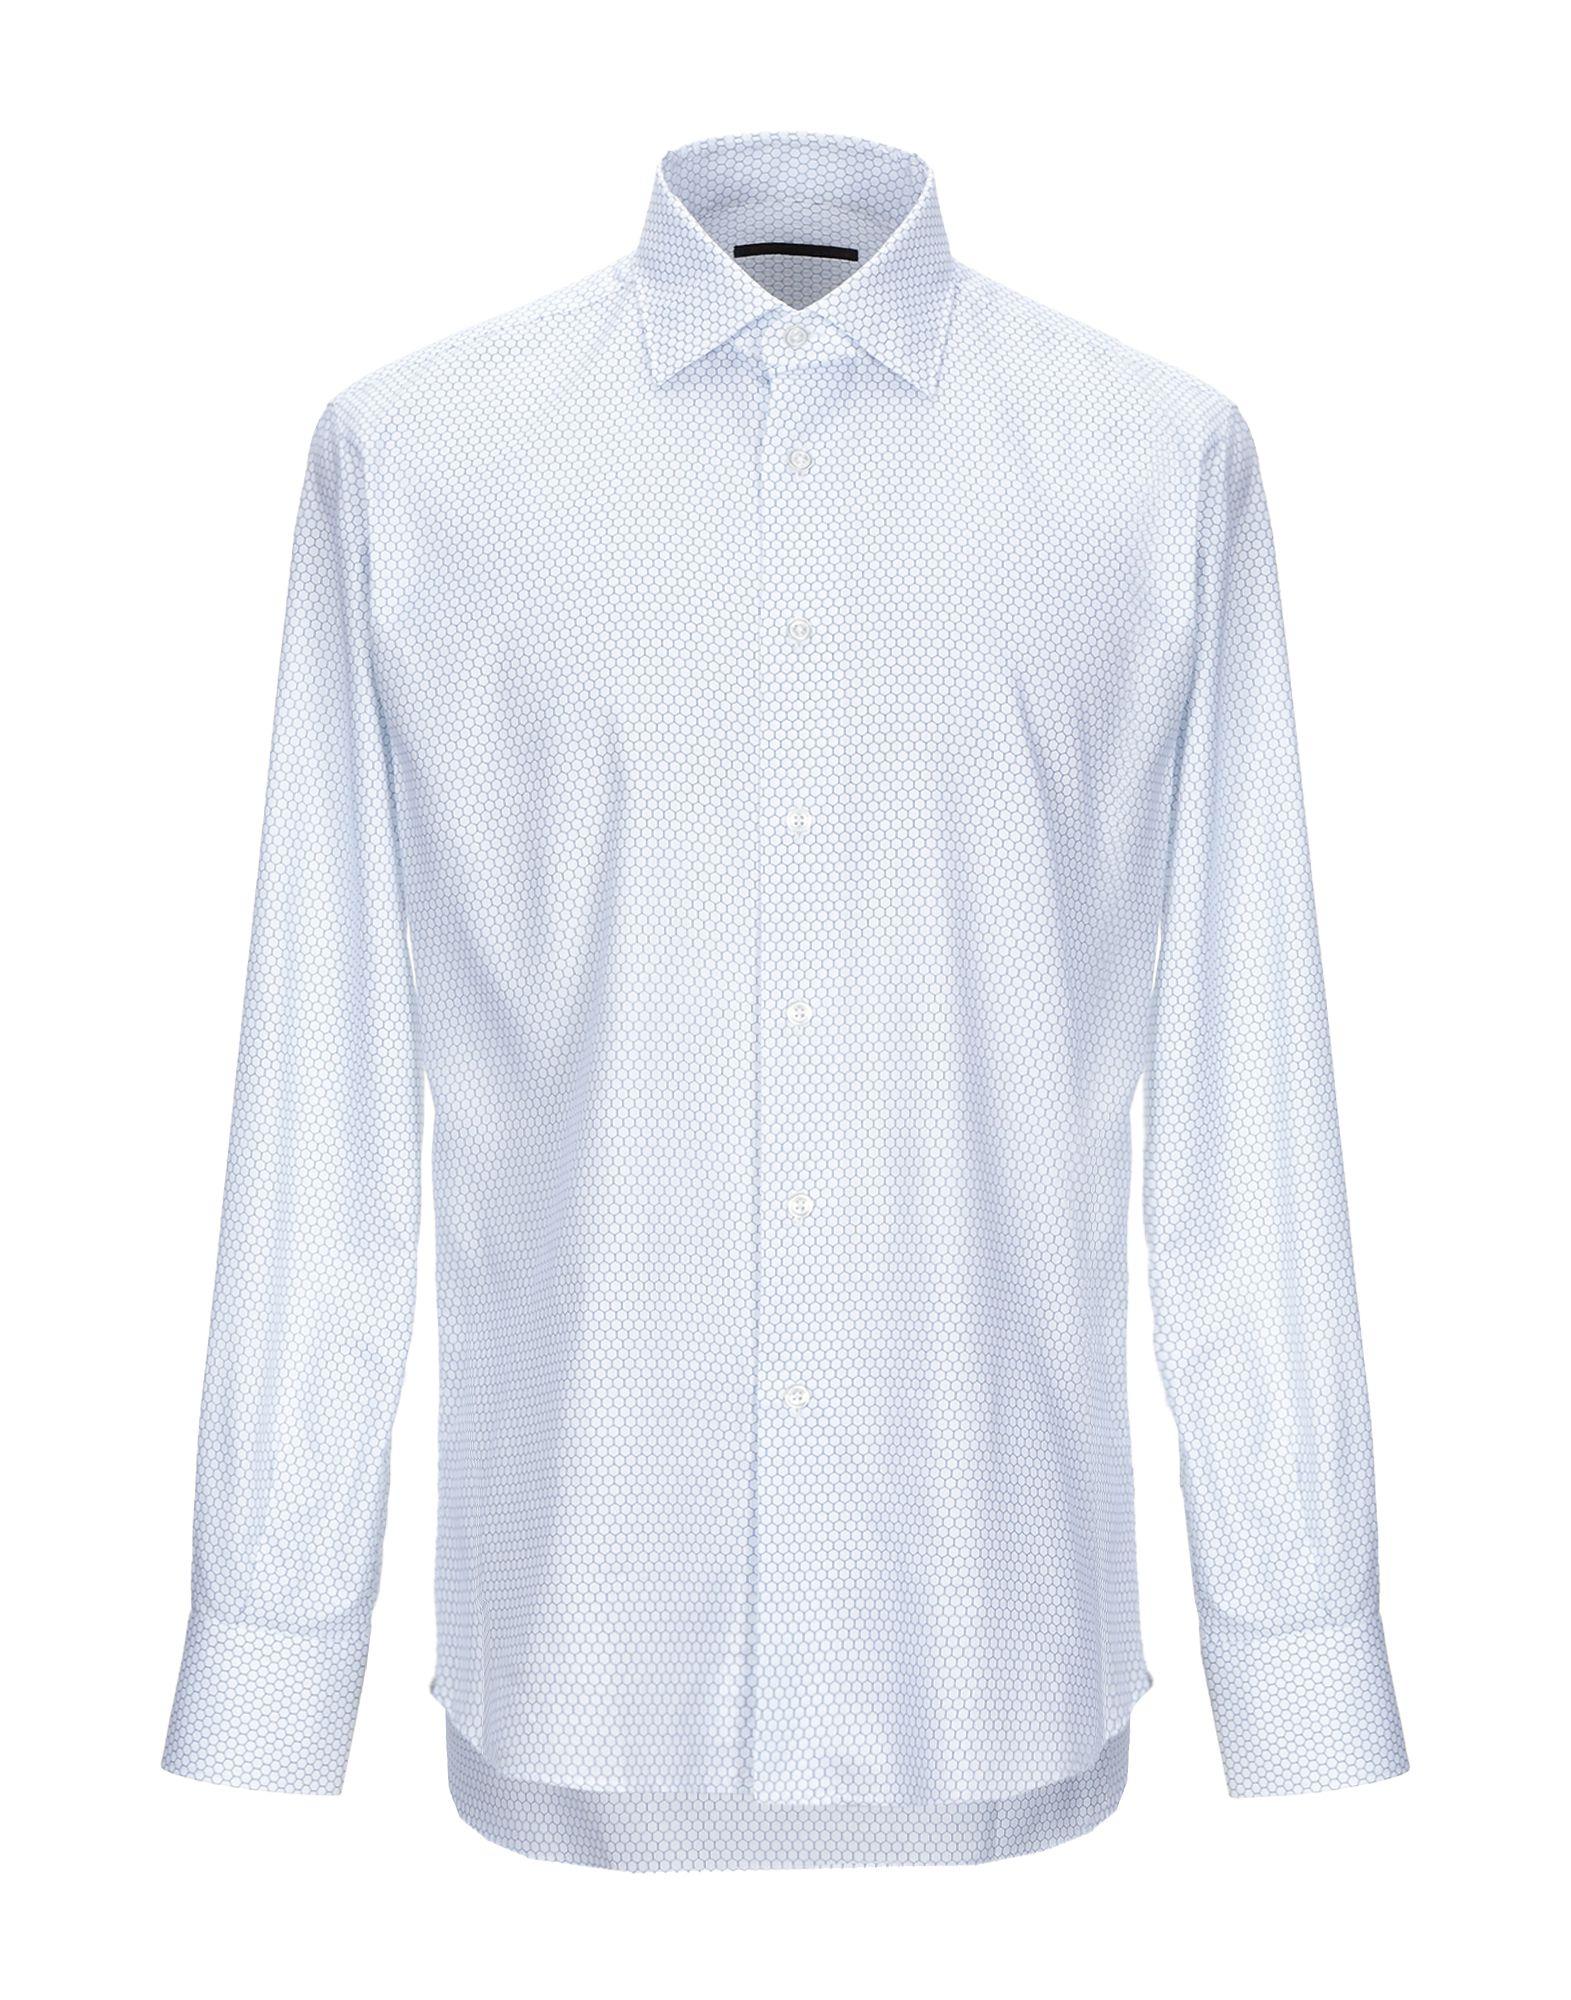 《期間限定セール中》I SARTI メンズ シャツ ホワイト 42 コットン 100%